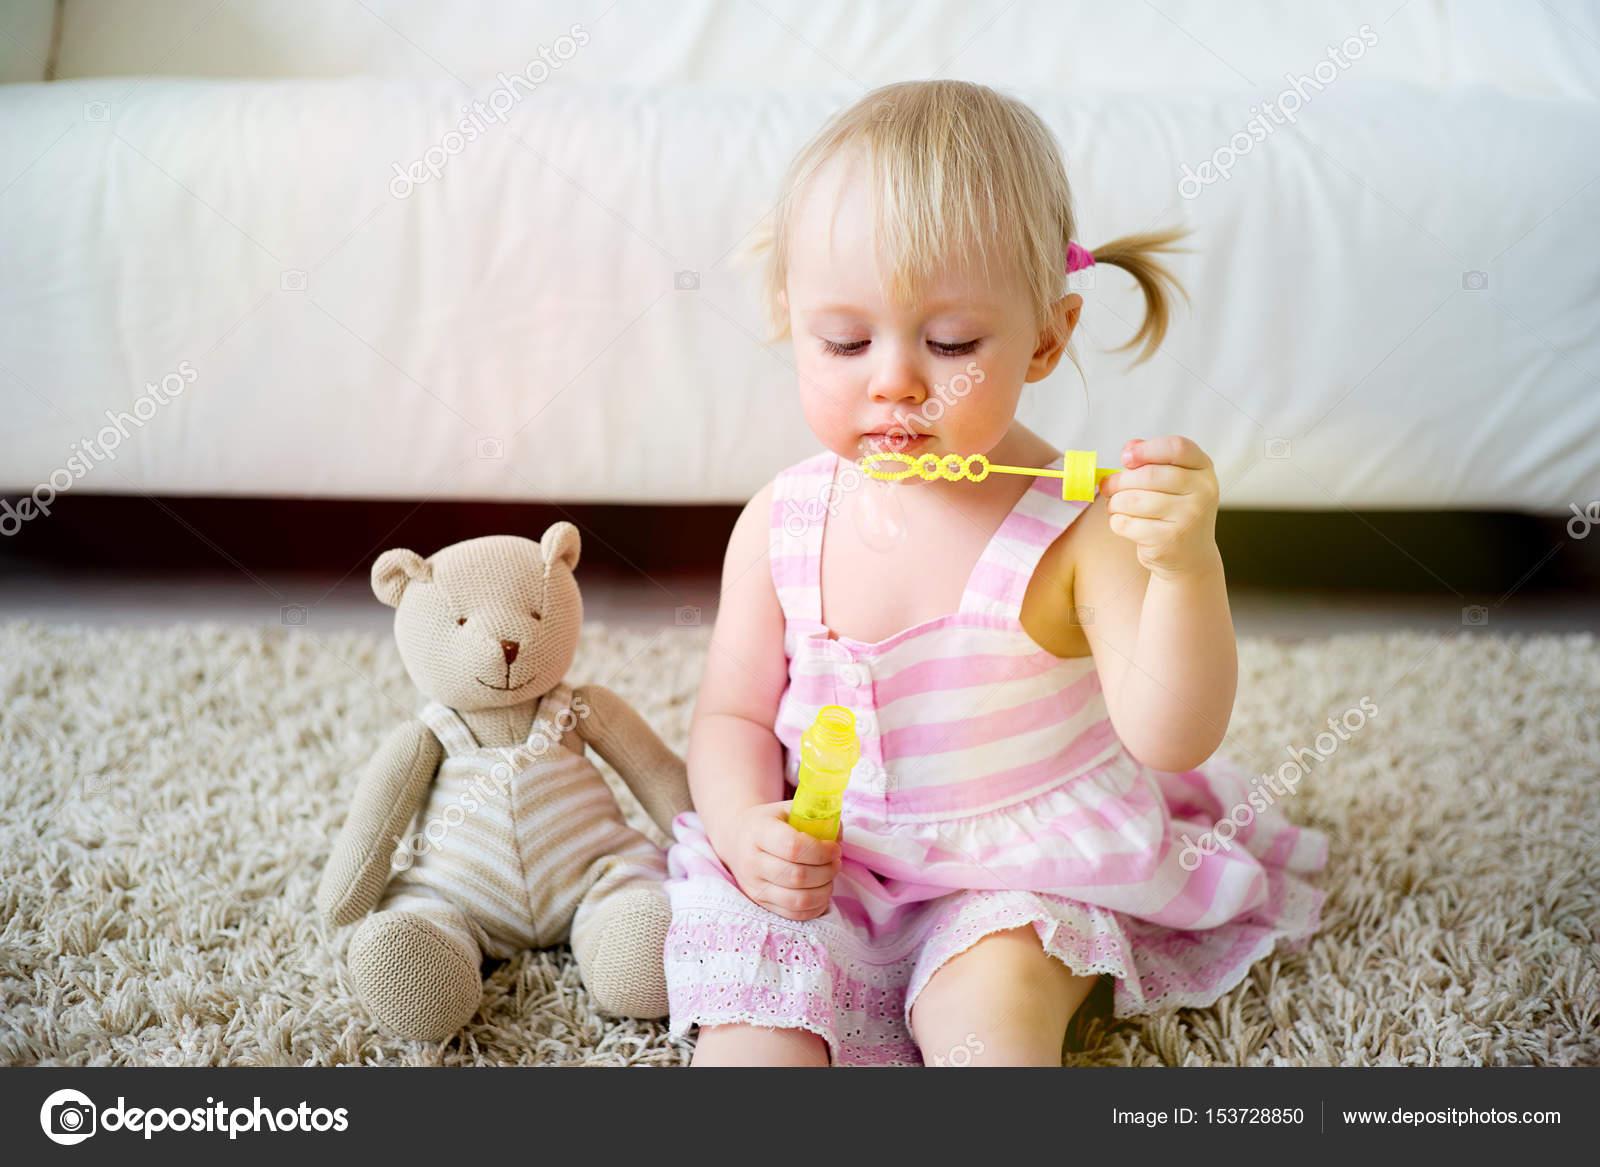 2 Jahre altes Mädchen — Stockfoto © Lenanichizhenova #153728850